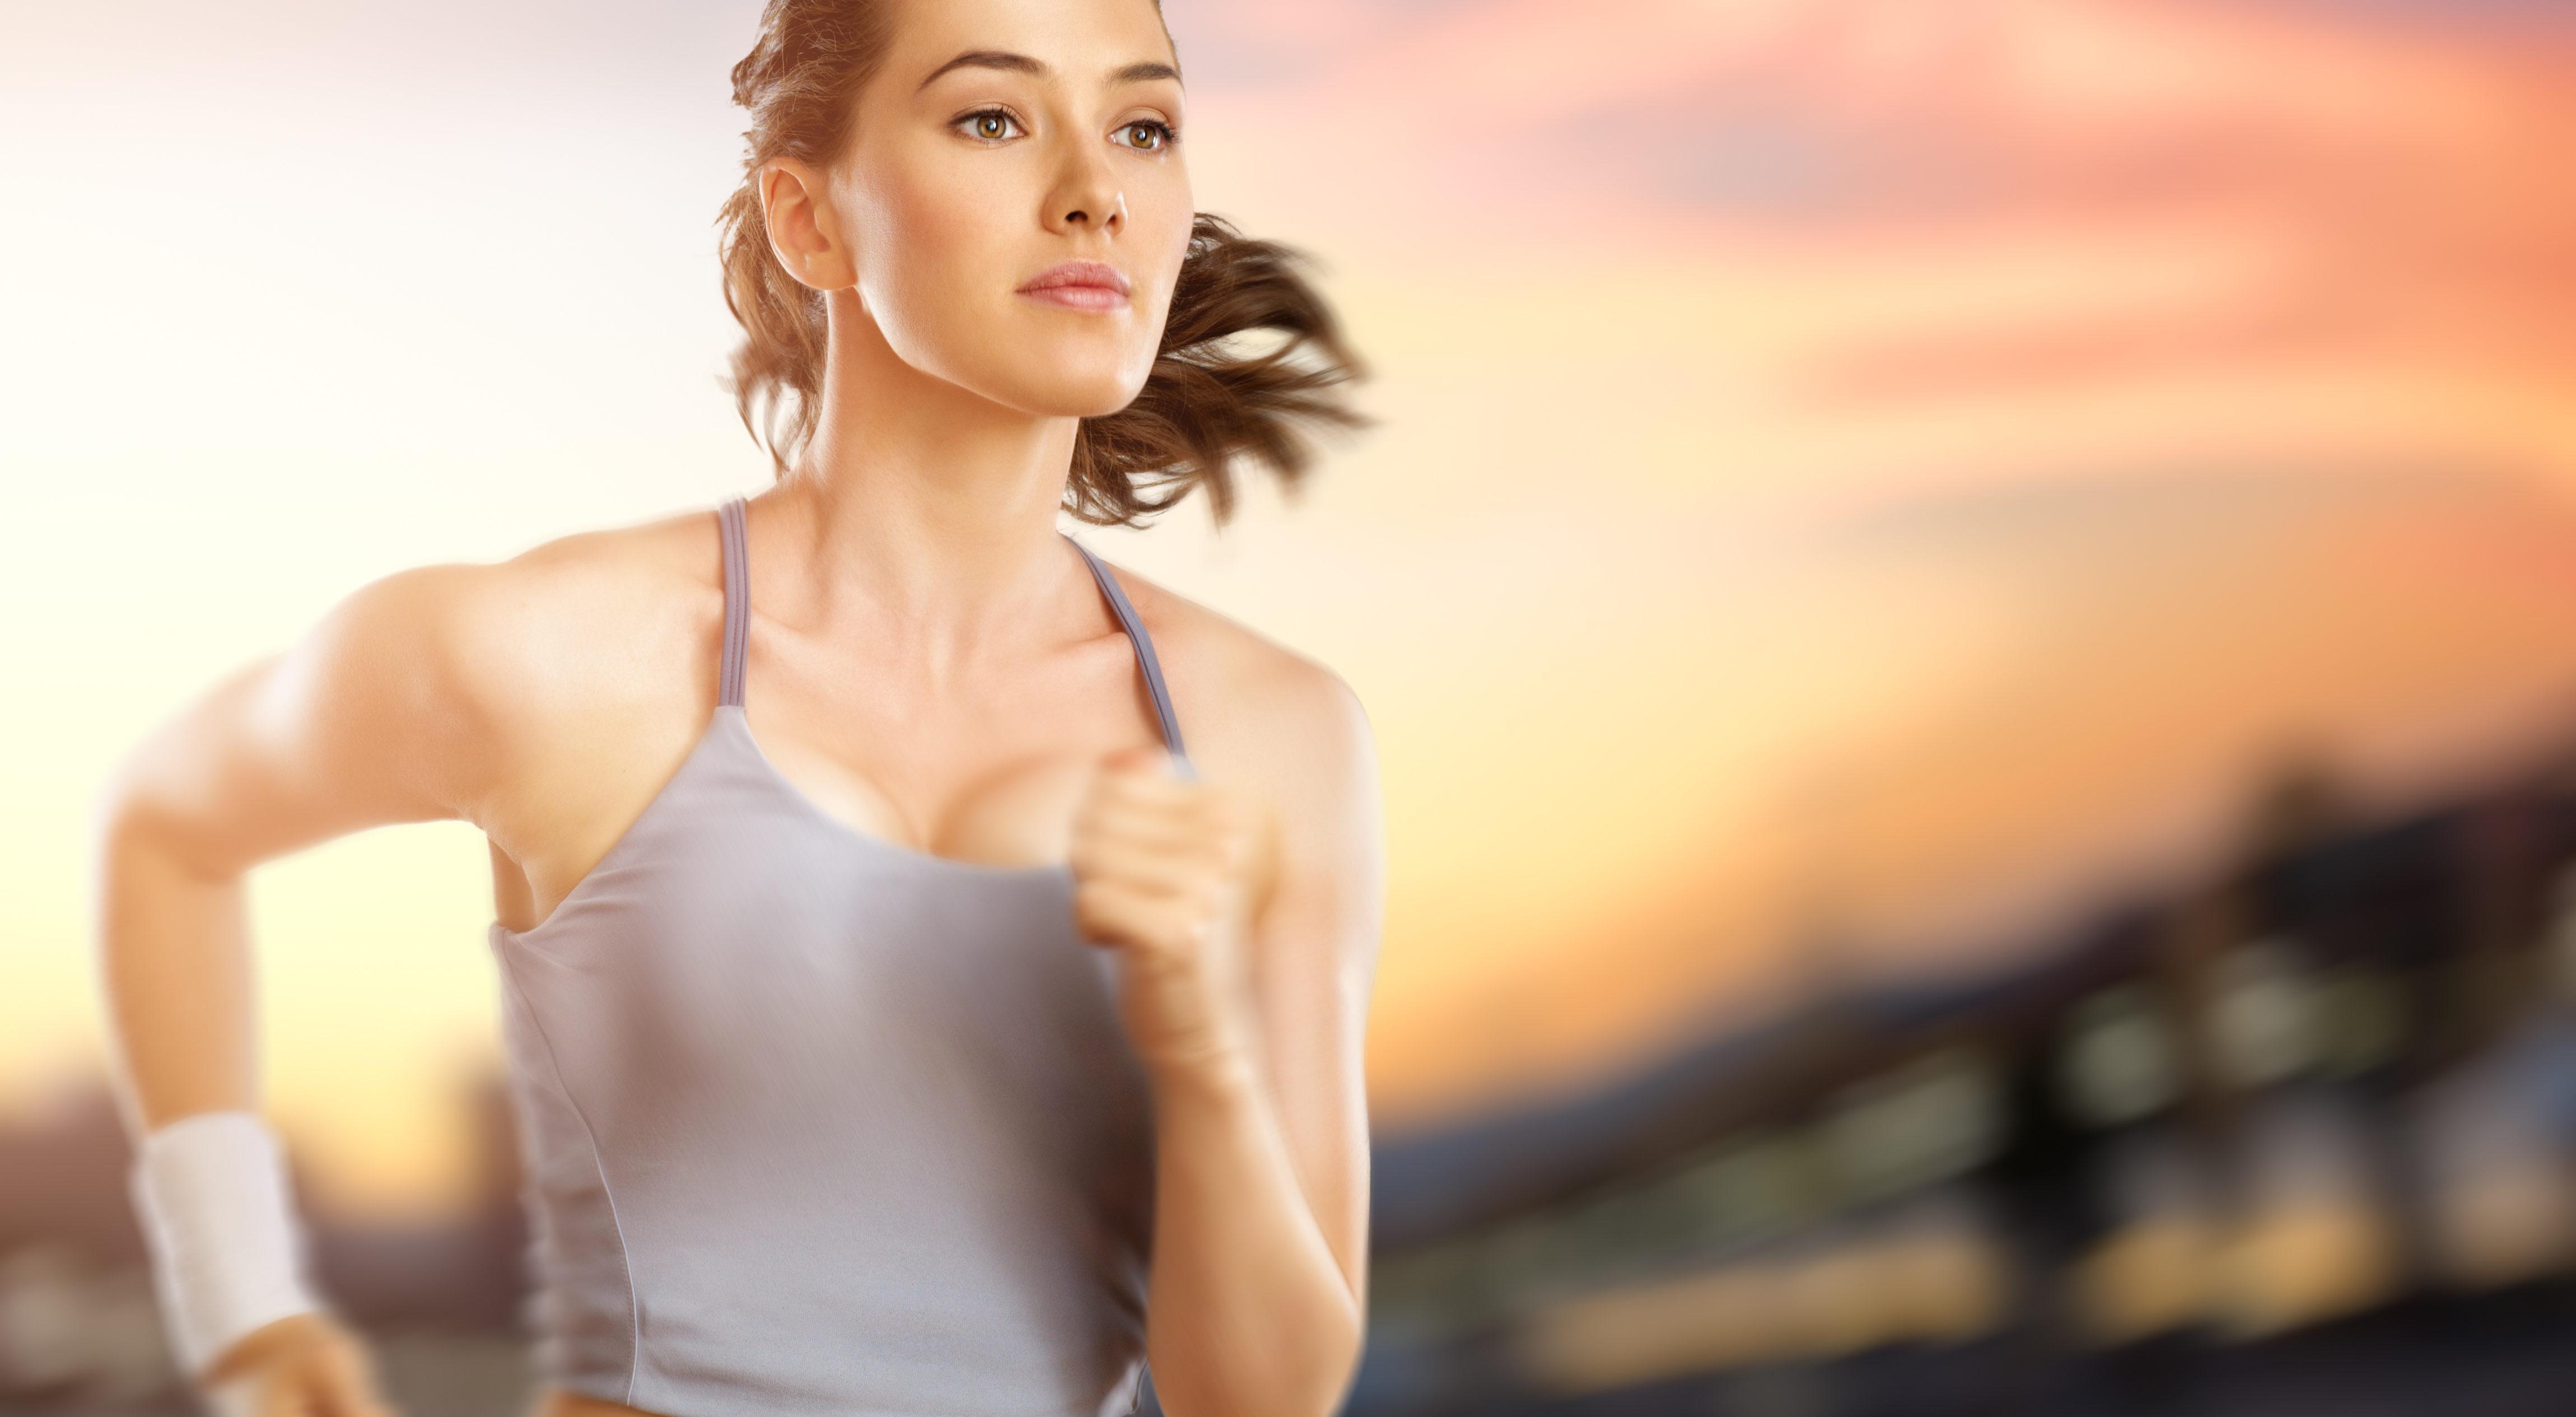 6 exercices rapides pour les coureurs occupés